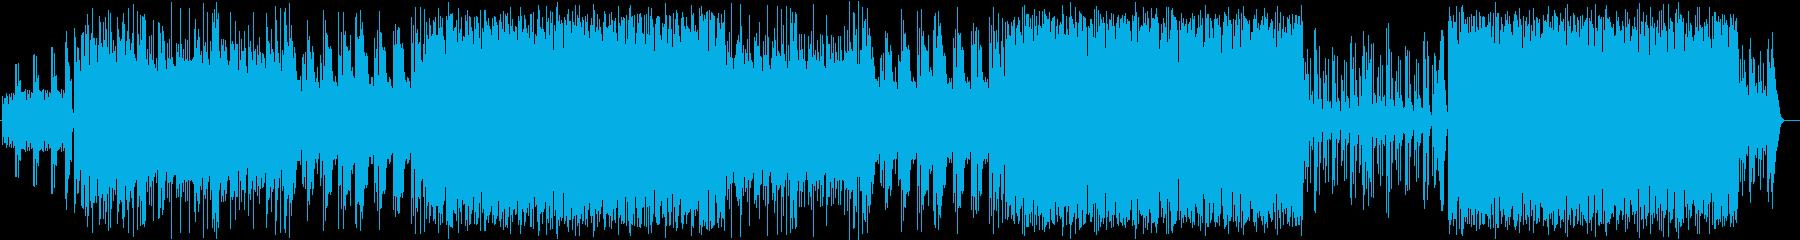 和風/和楽器/掛け声/は!・よ!/A3の再生済みの波形